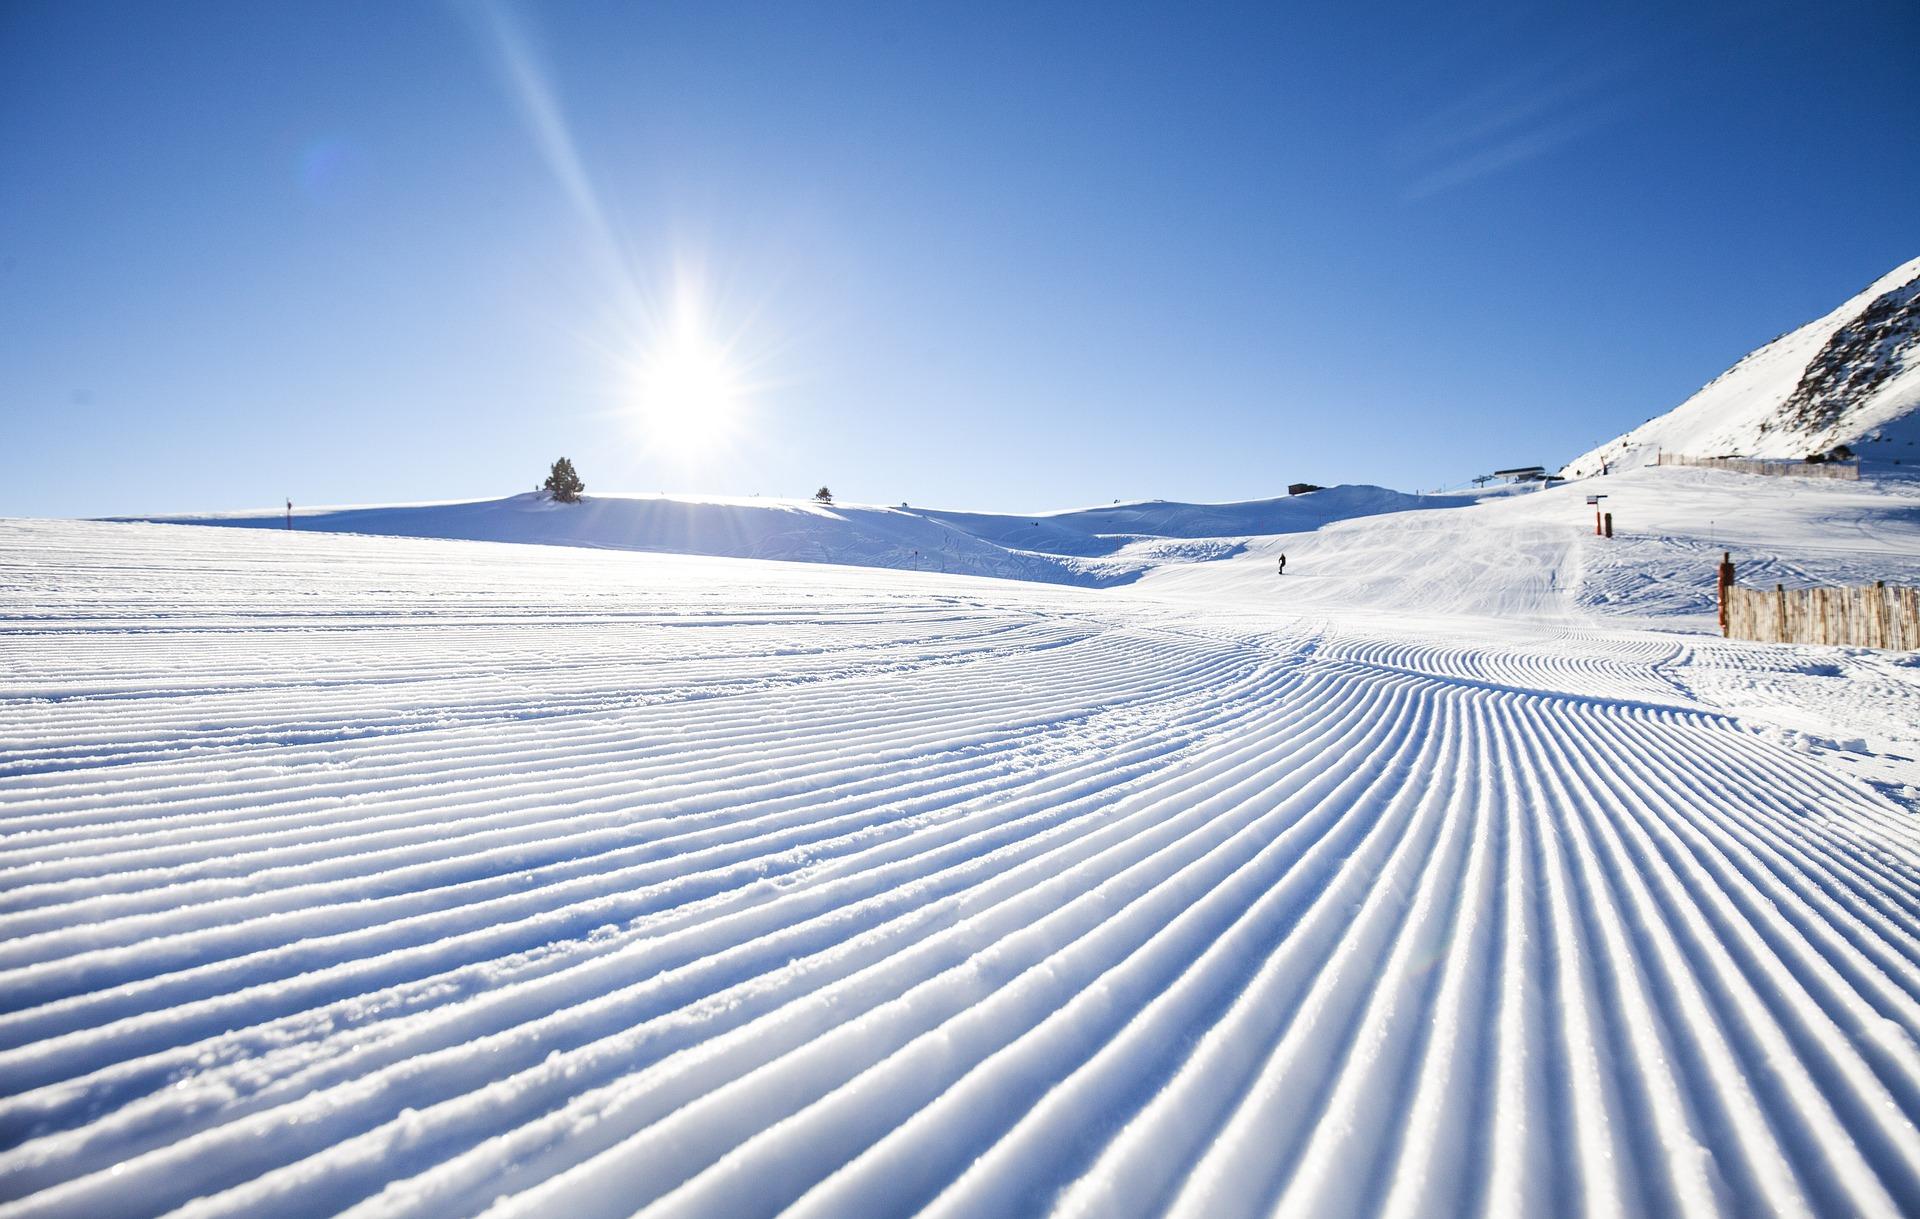 Andorre_ski_CC0.jpg?1544176736